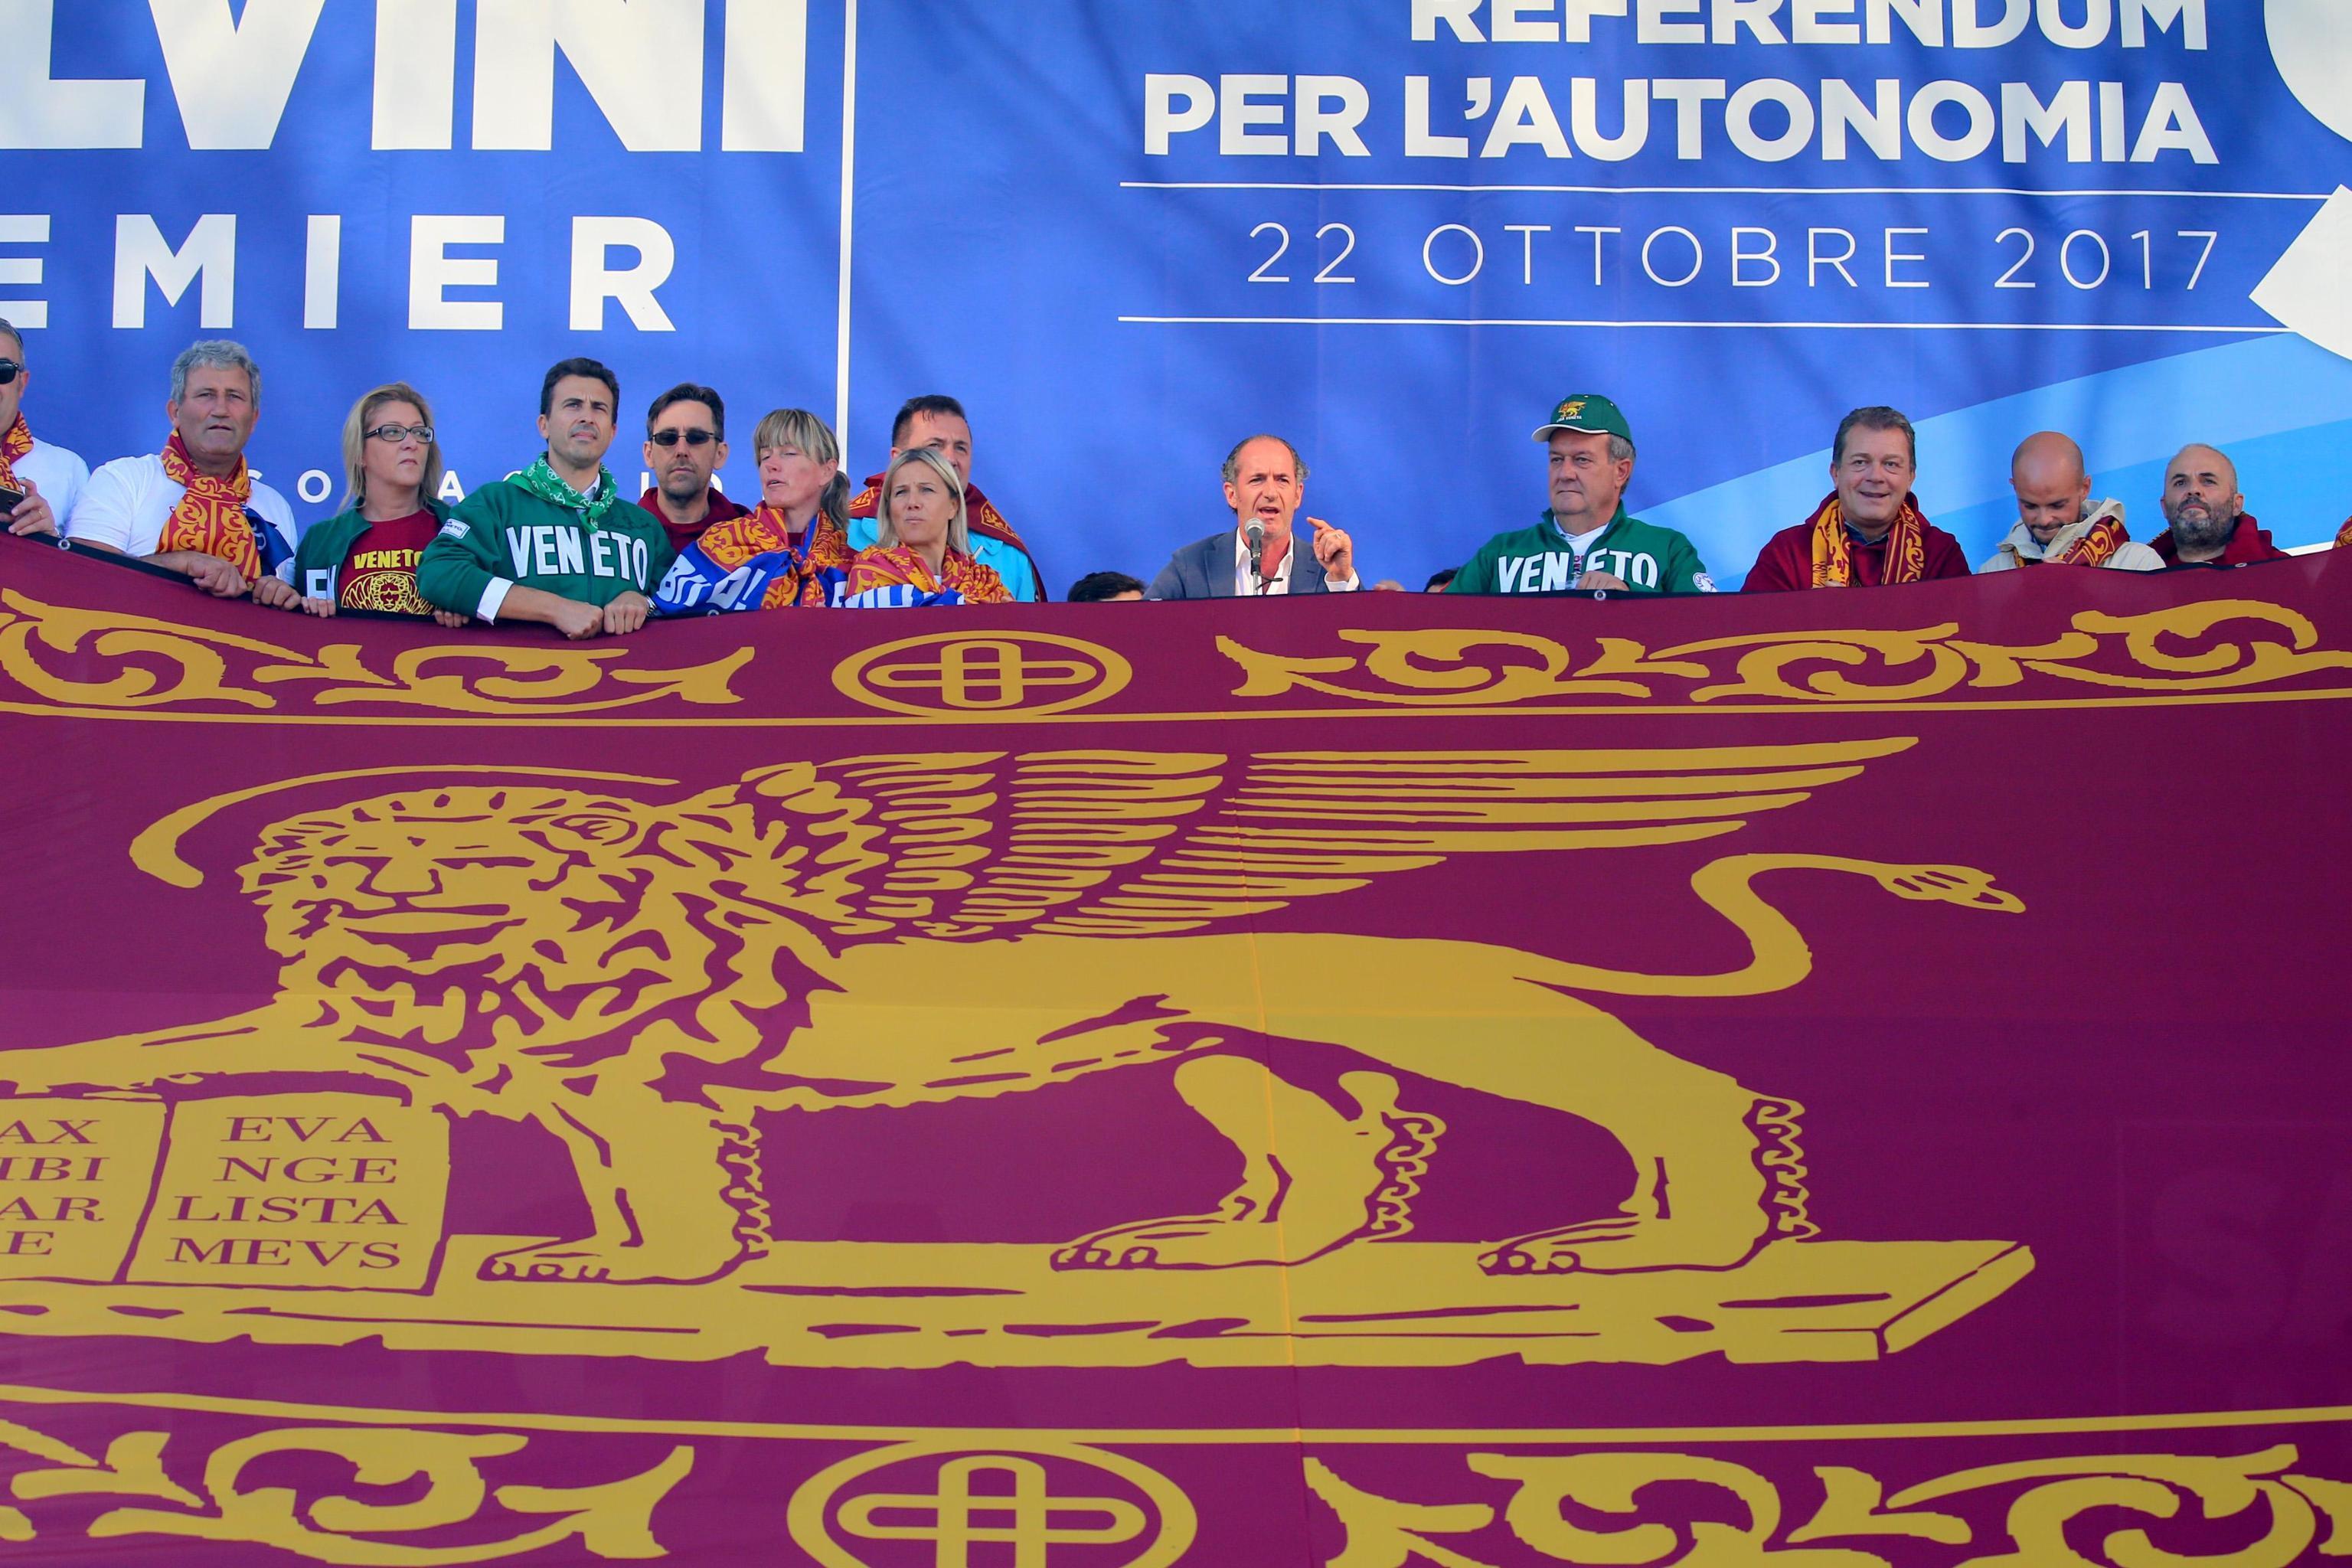 Referendum autonomia in Veneto, il 22 ottobre si vota: cosa cambia?